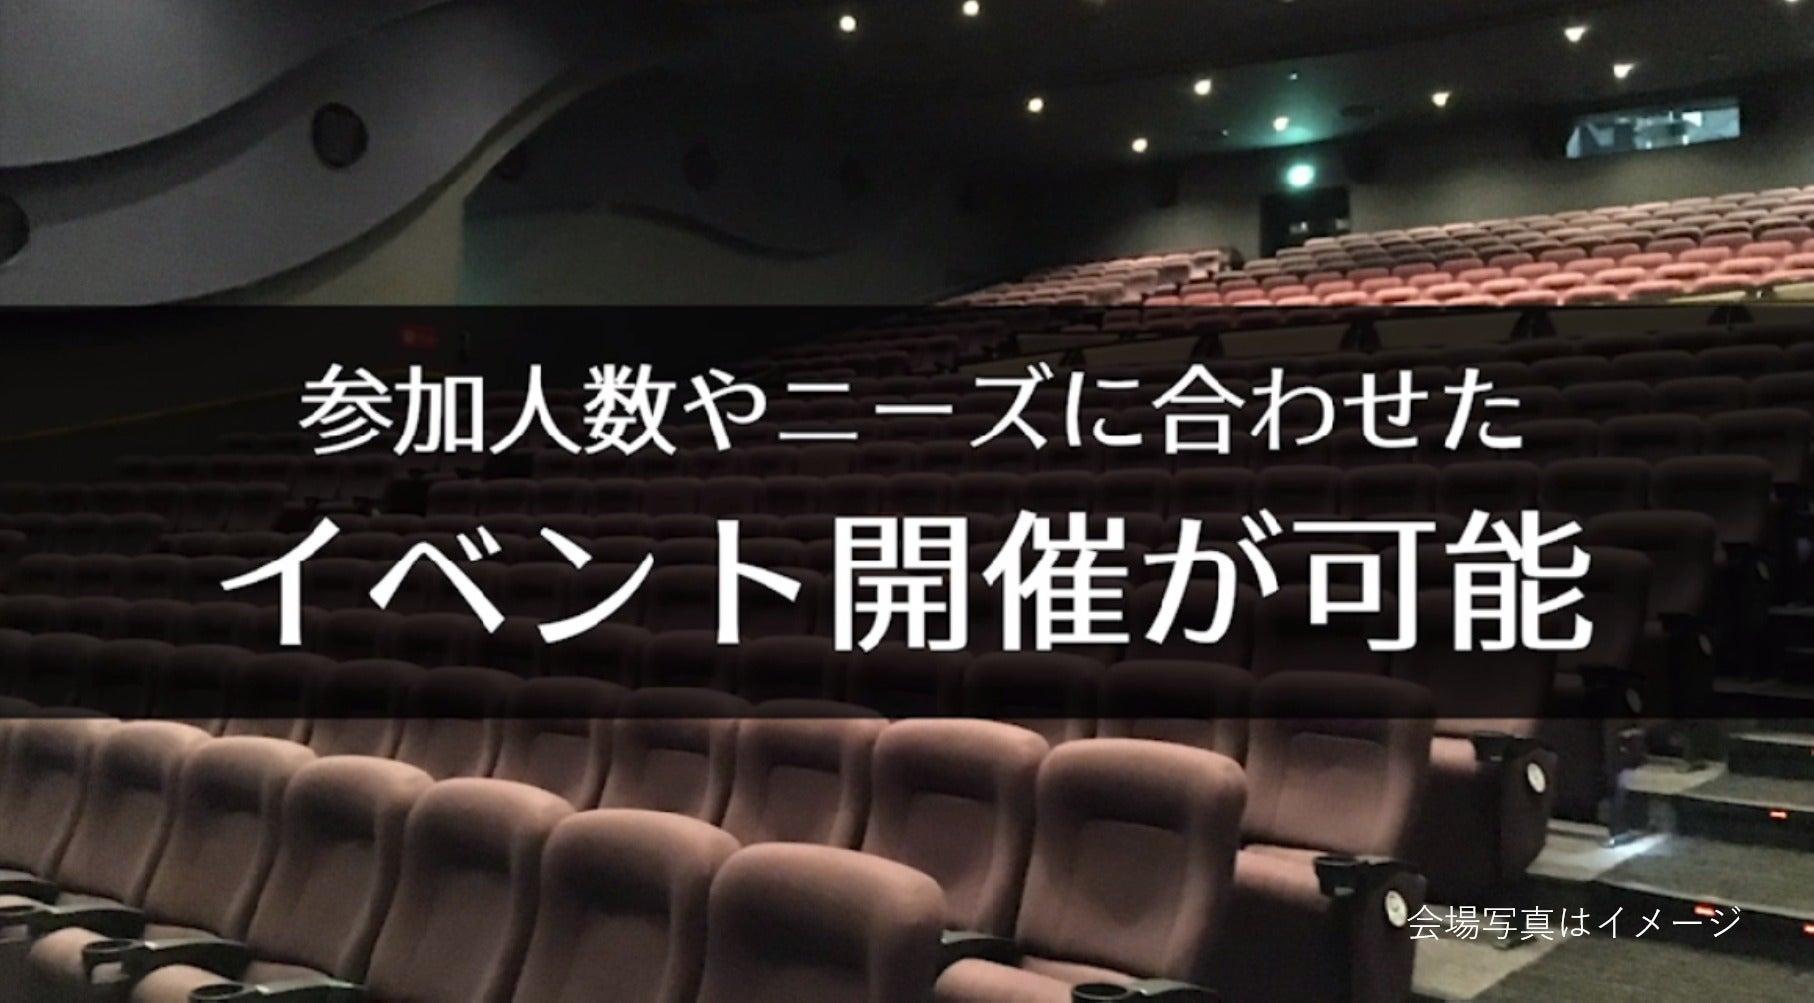 【前橋 274席】映画館で、会社説明会、株主総会、講演会の企画はいかがですか?